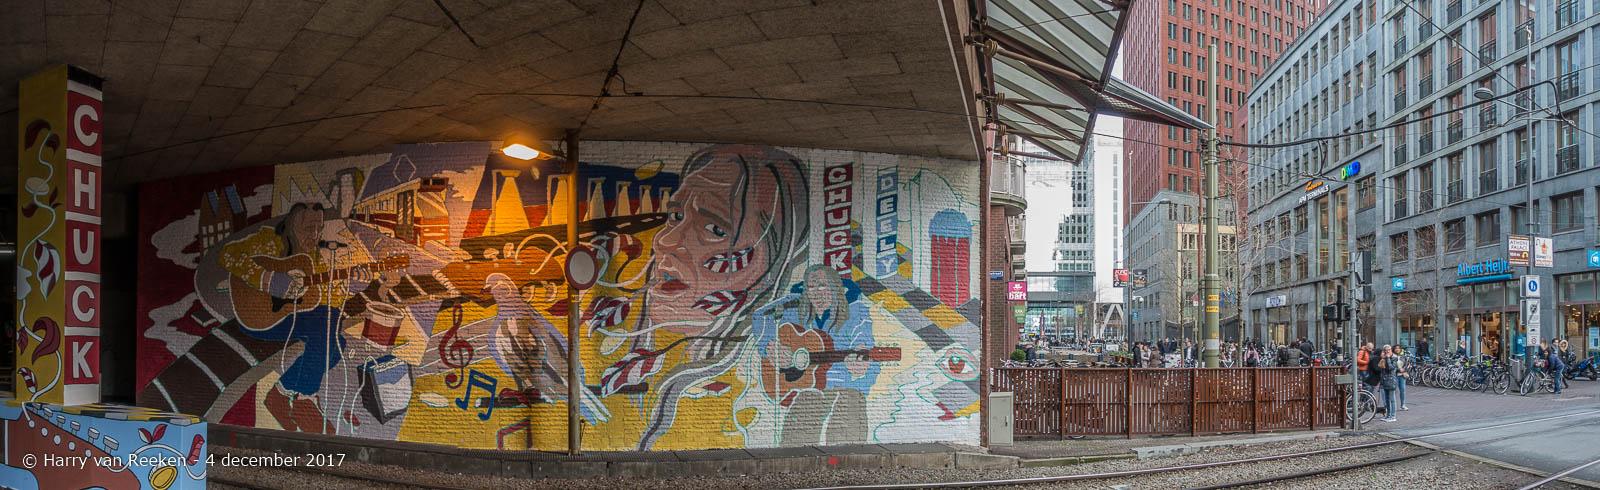 Turfmarkt-Chuck Deely tram tunnel (2 van 5)-Pano